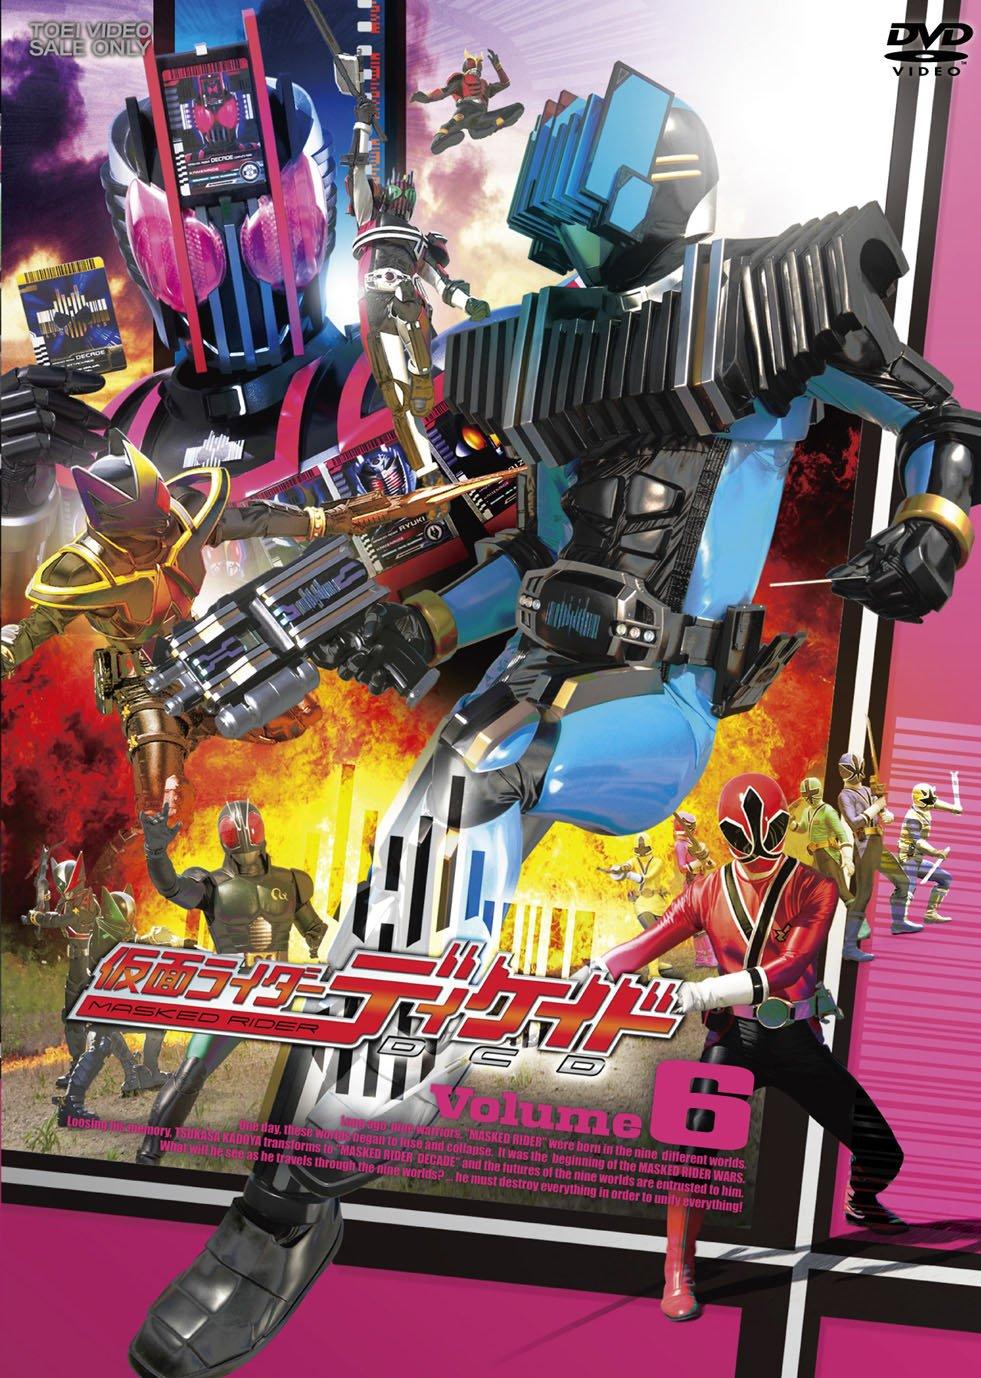 「仮面ライダーディケイド dvd 6」の画像検索結果